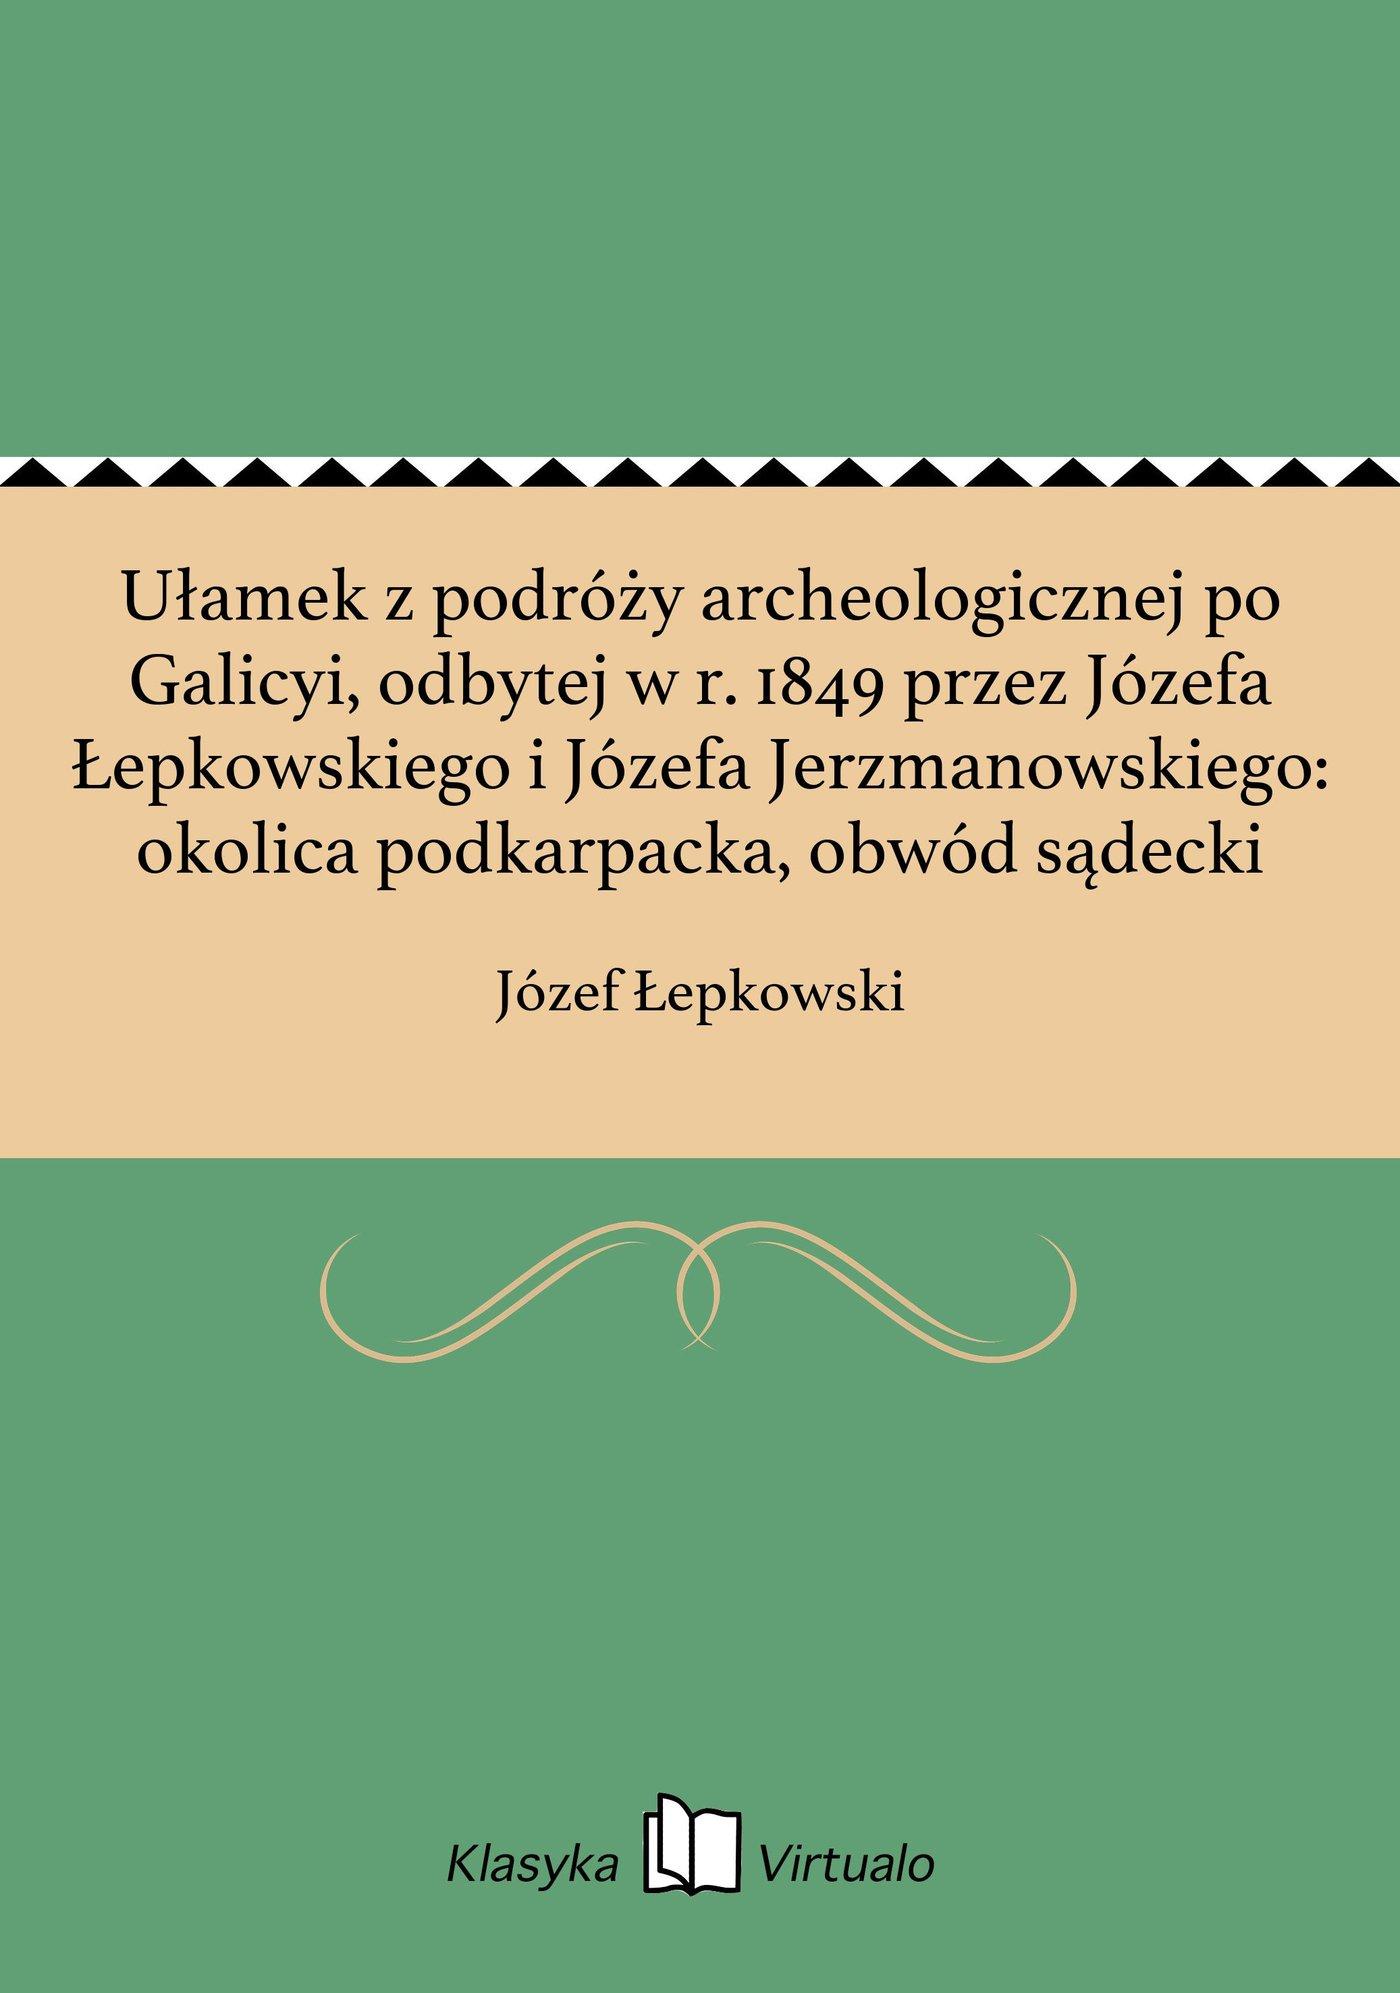 Ułamek z podróży archeologicznej po Galicyi, odbytej w r. 1849 przez Józefa Łepkowskiego i Józefa Jerzmanowskiego: okolica podkarpacka, obwód sądecki - Ebook (Książka EPUB) do pobrania w formacie EPUB